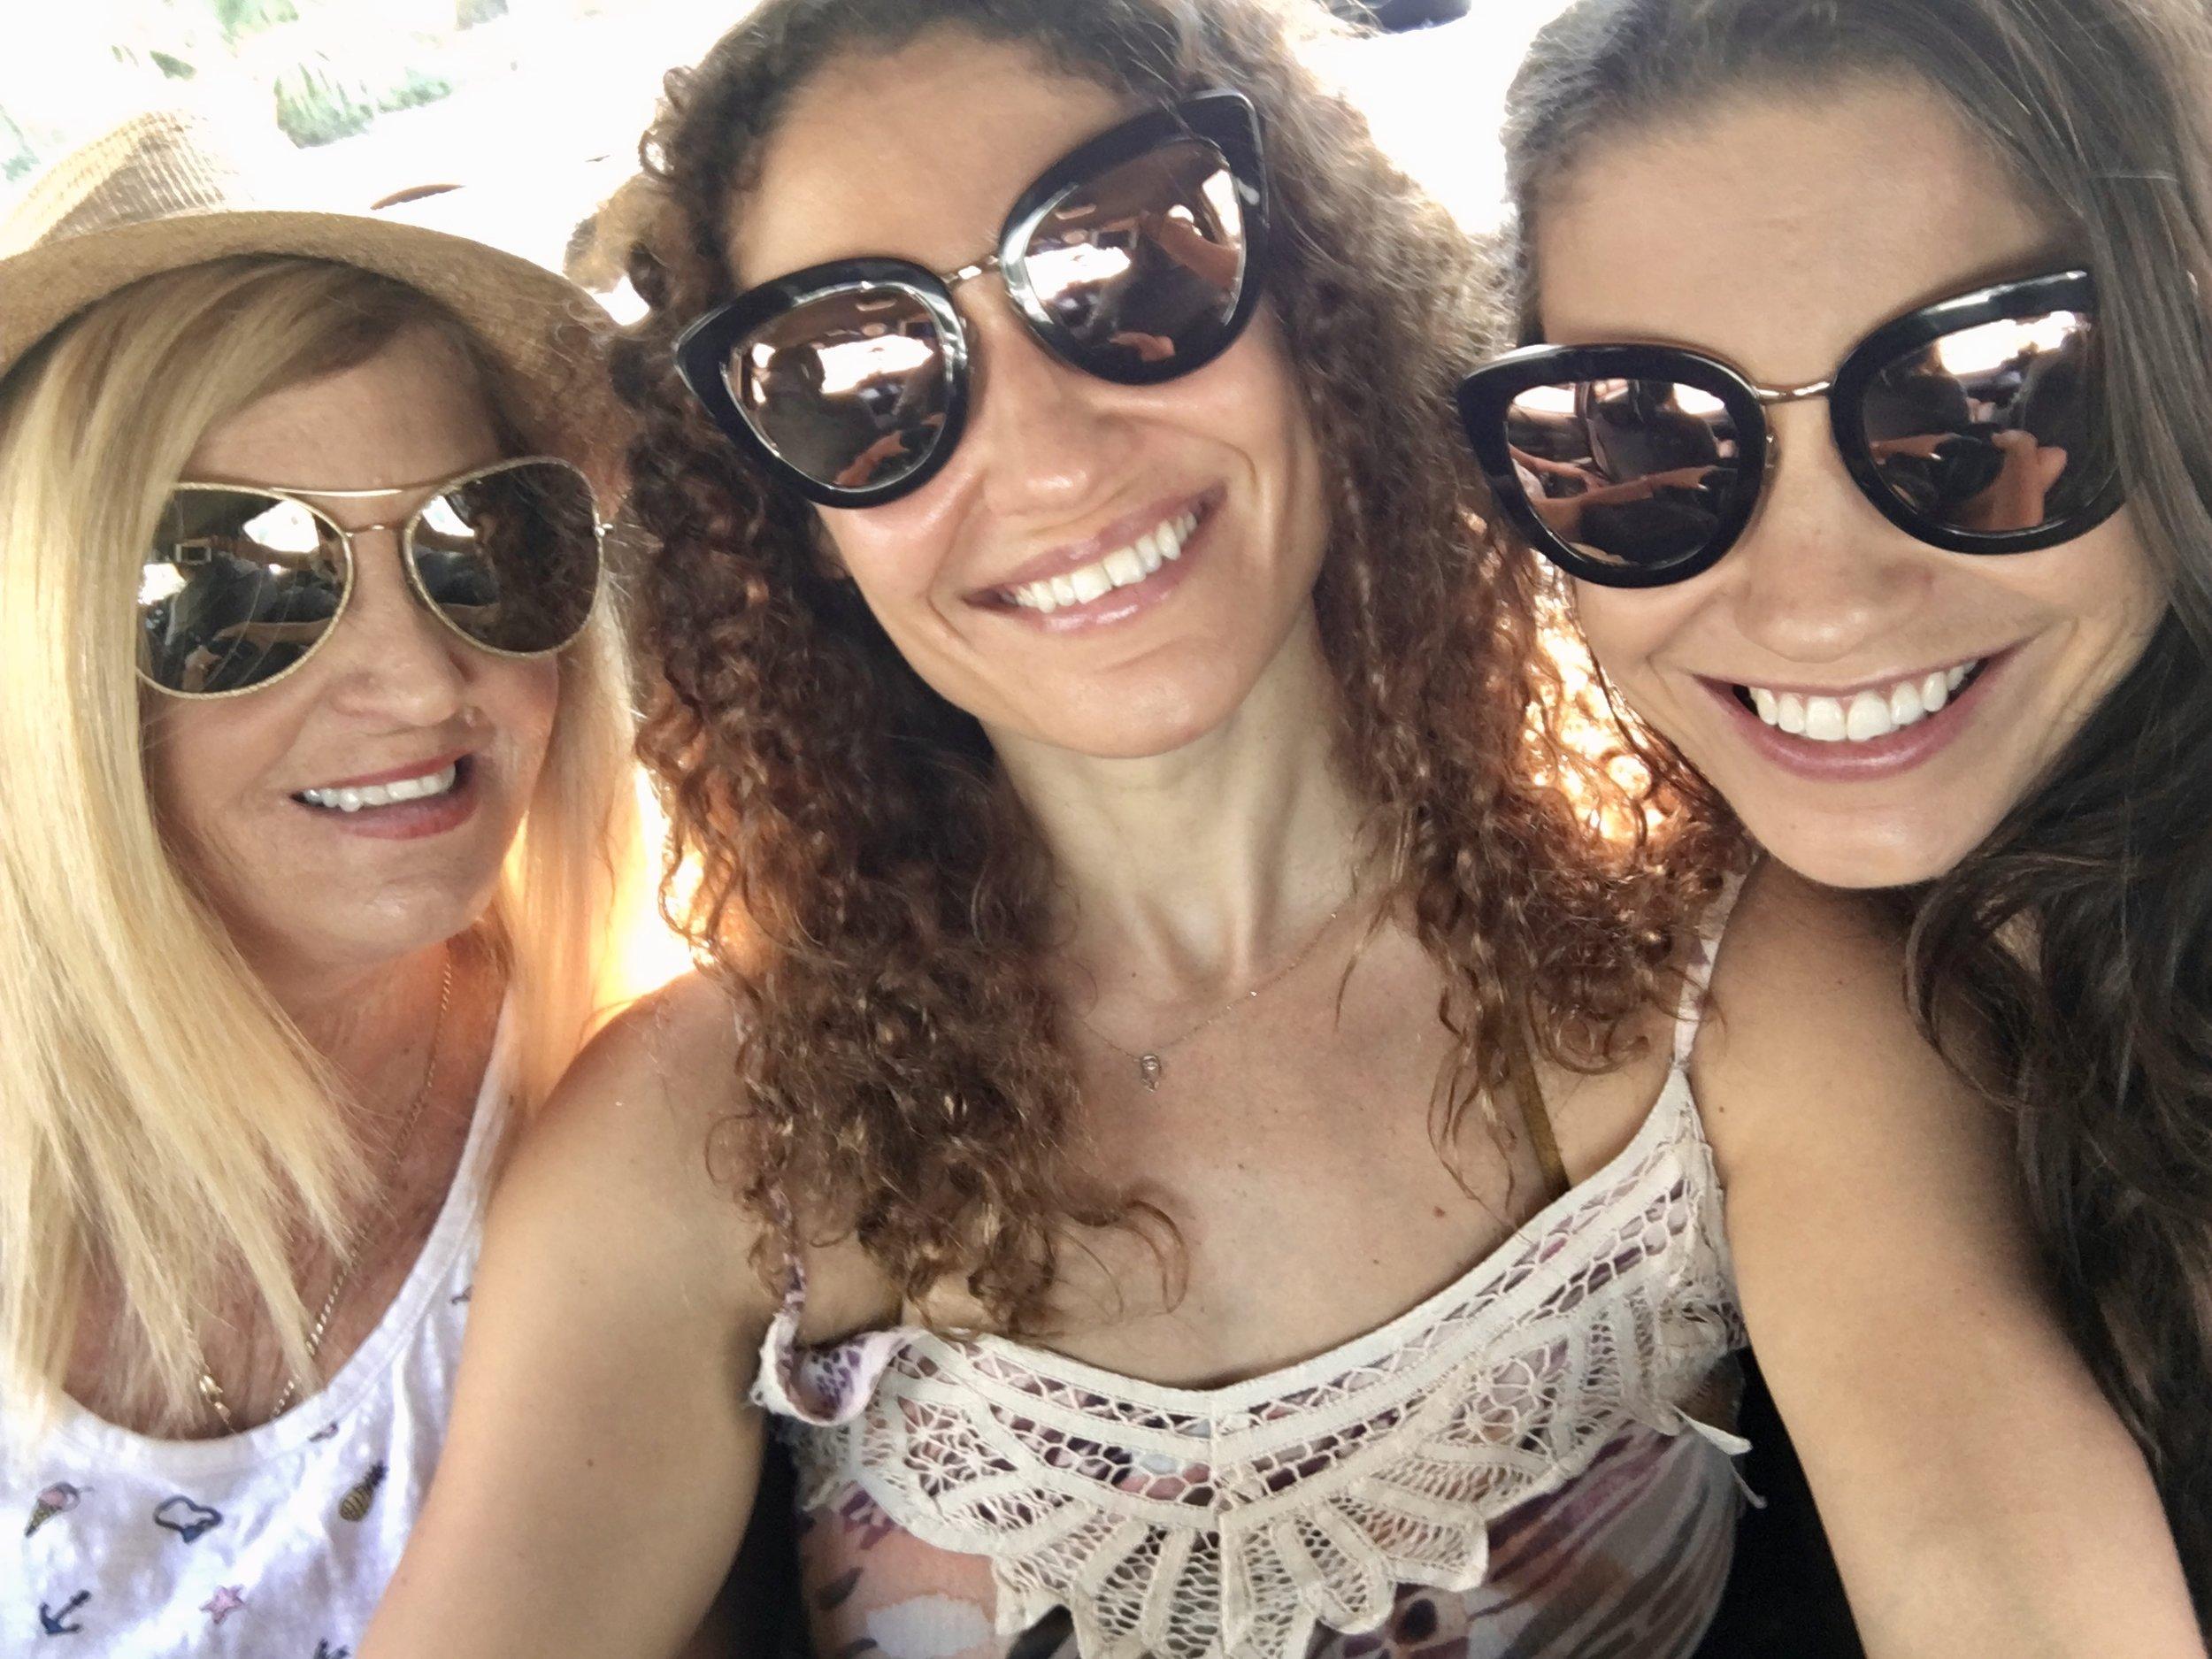 Cruising a láChanel ( Miami Beach, Florida, USA )